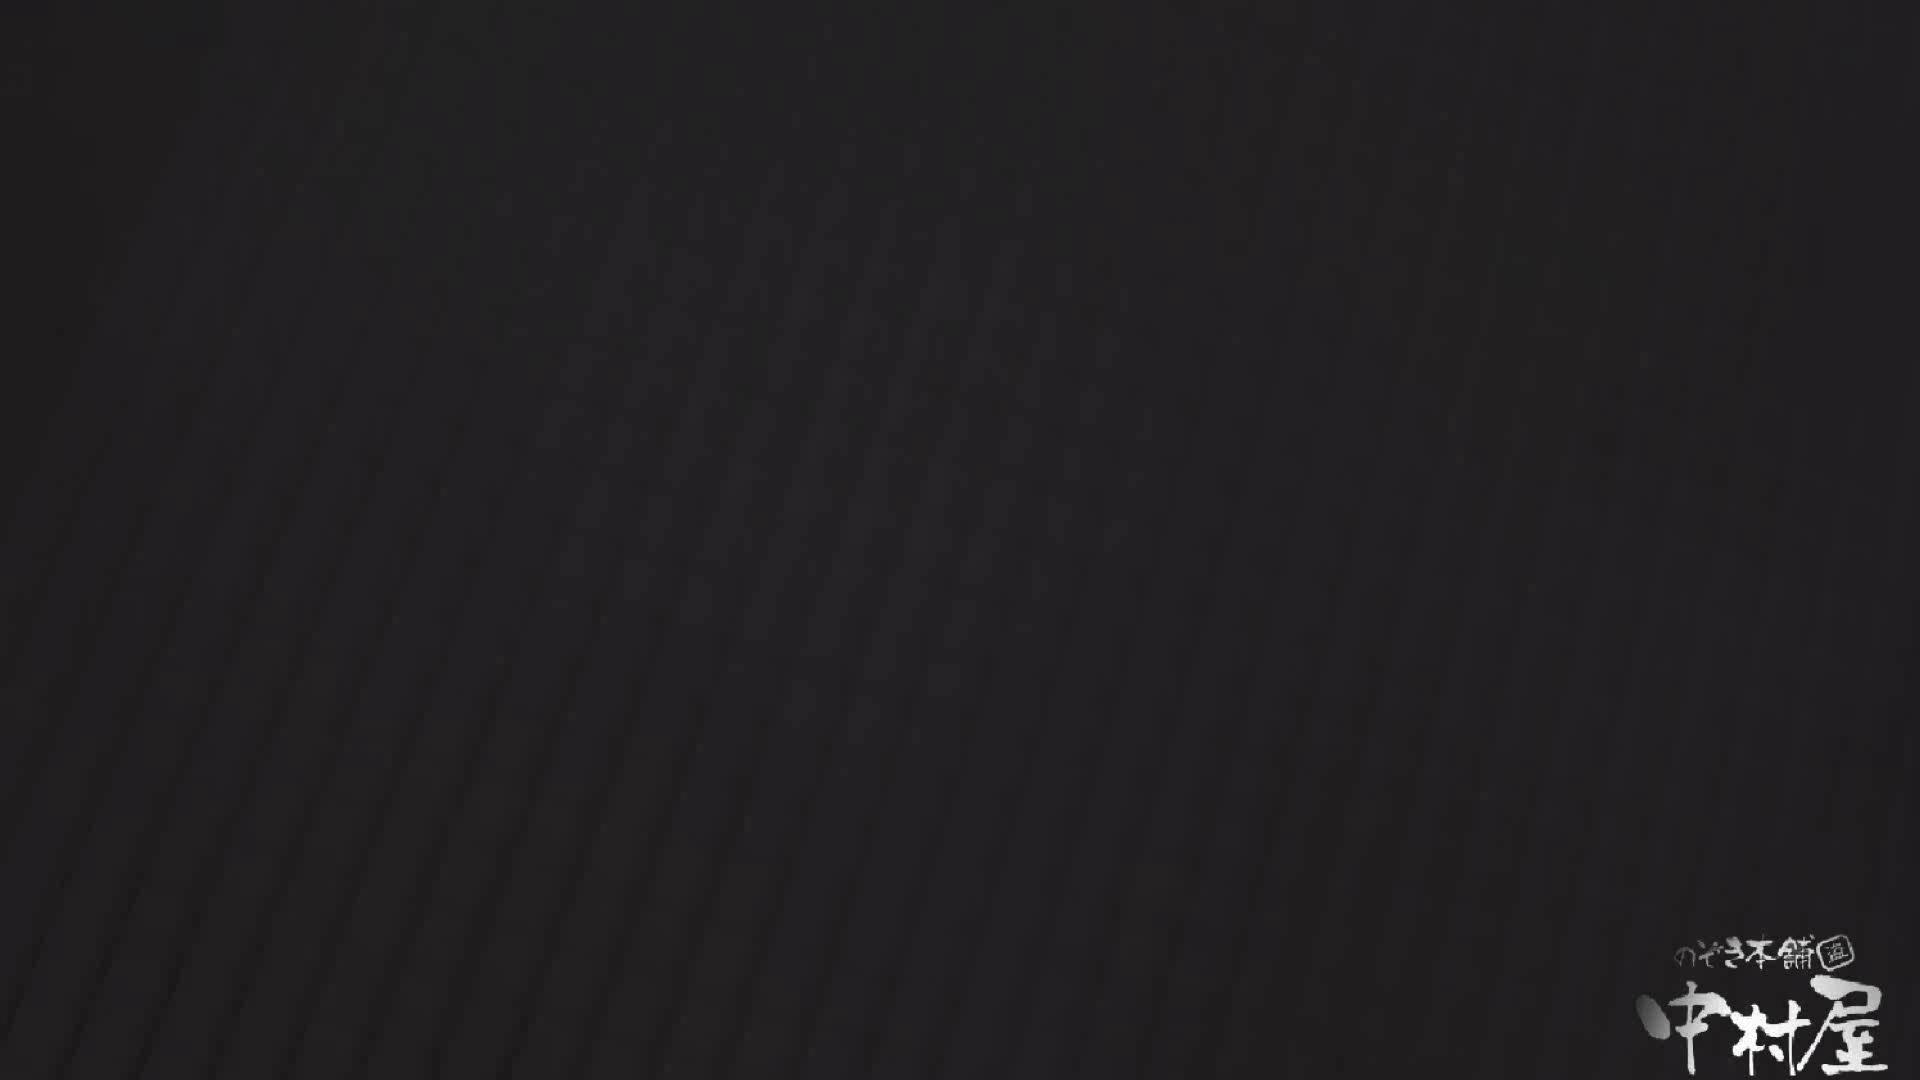 魂のかわや盗撮62連発! 超脱肛ギャル! 3発目! 黄金水 | 盗撮師作品  97pic 46